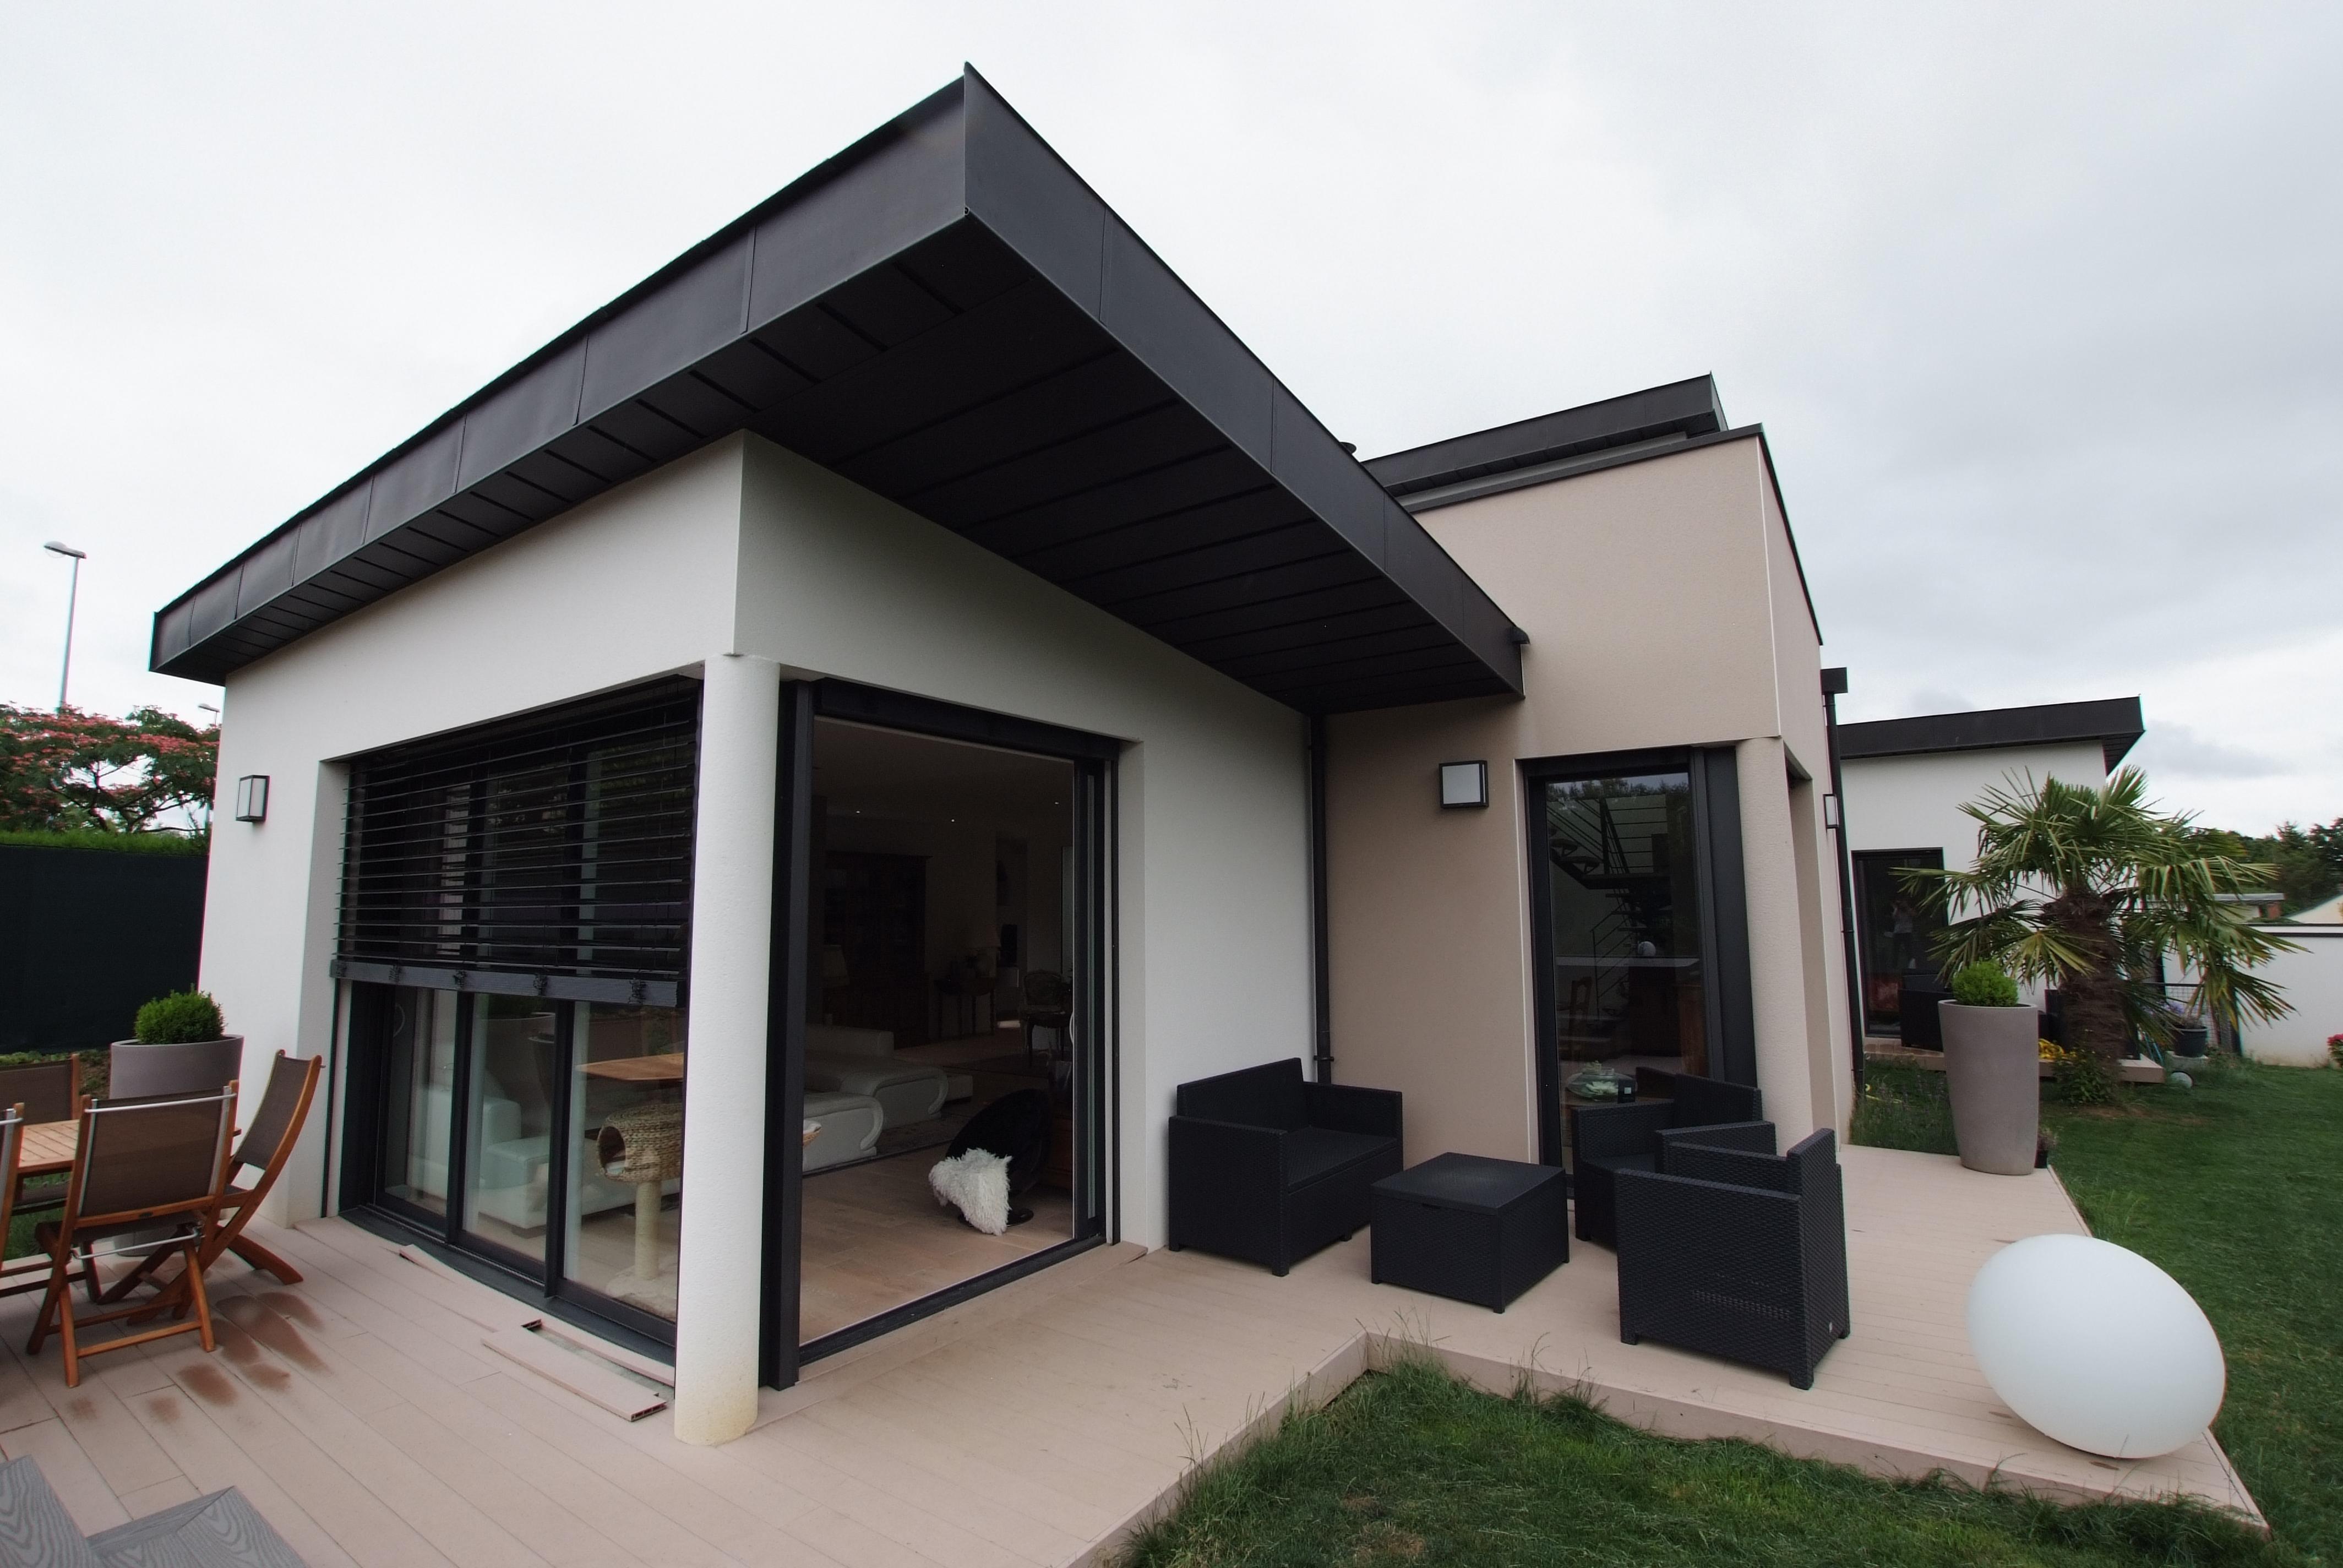 Maison Moderne Avec Patio Interieur maison avec patio intérieur - liffré   www.ami-construction.fr